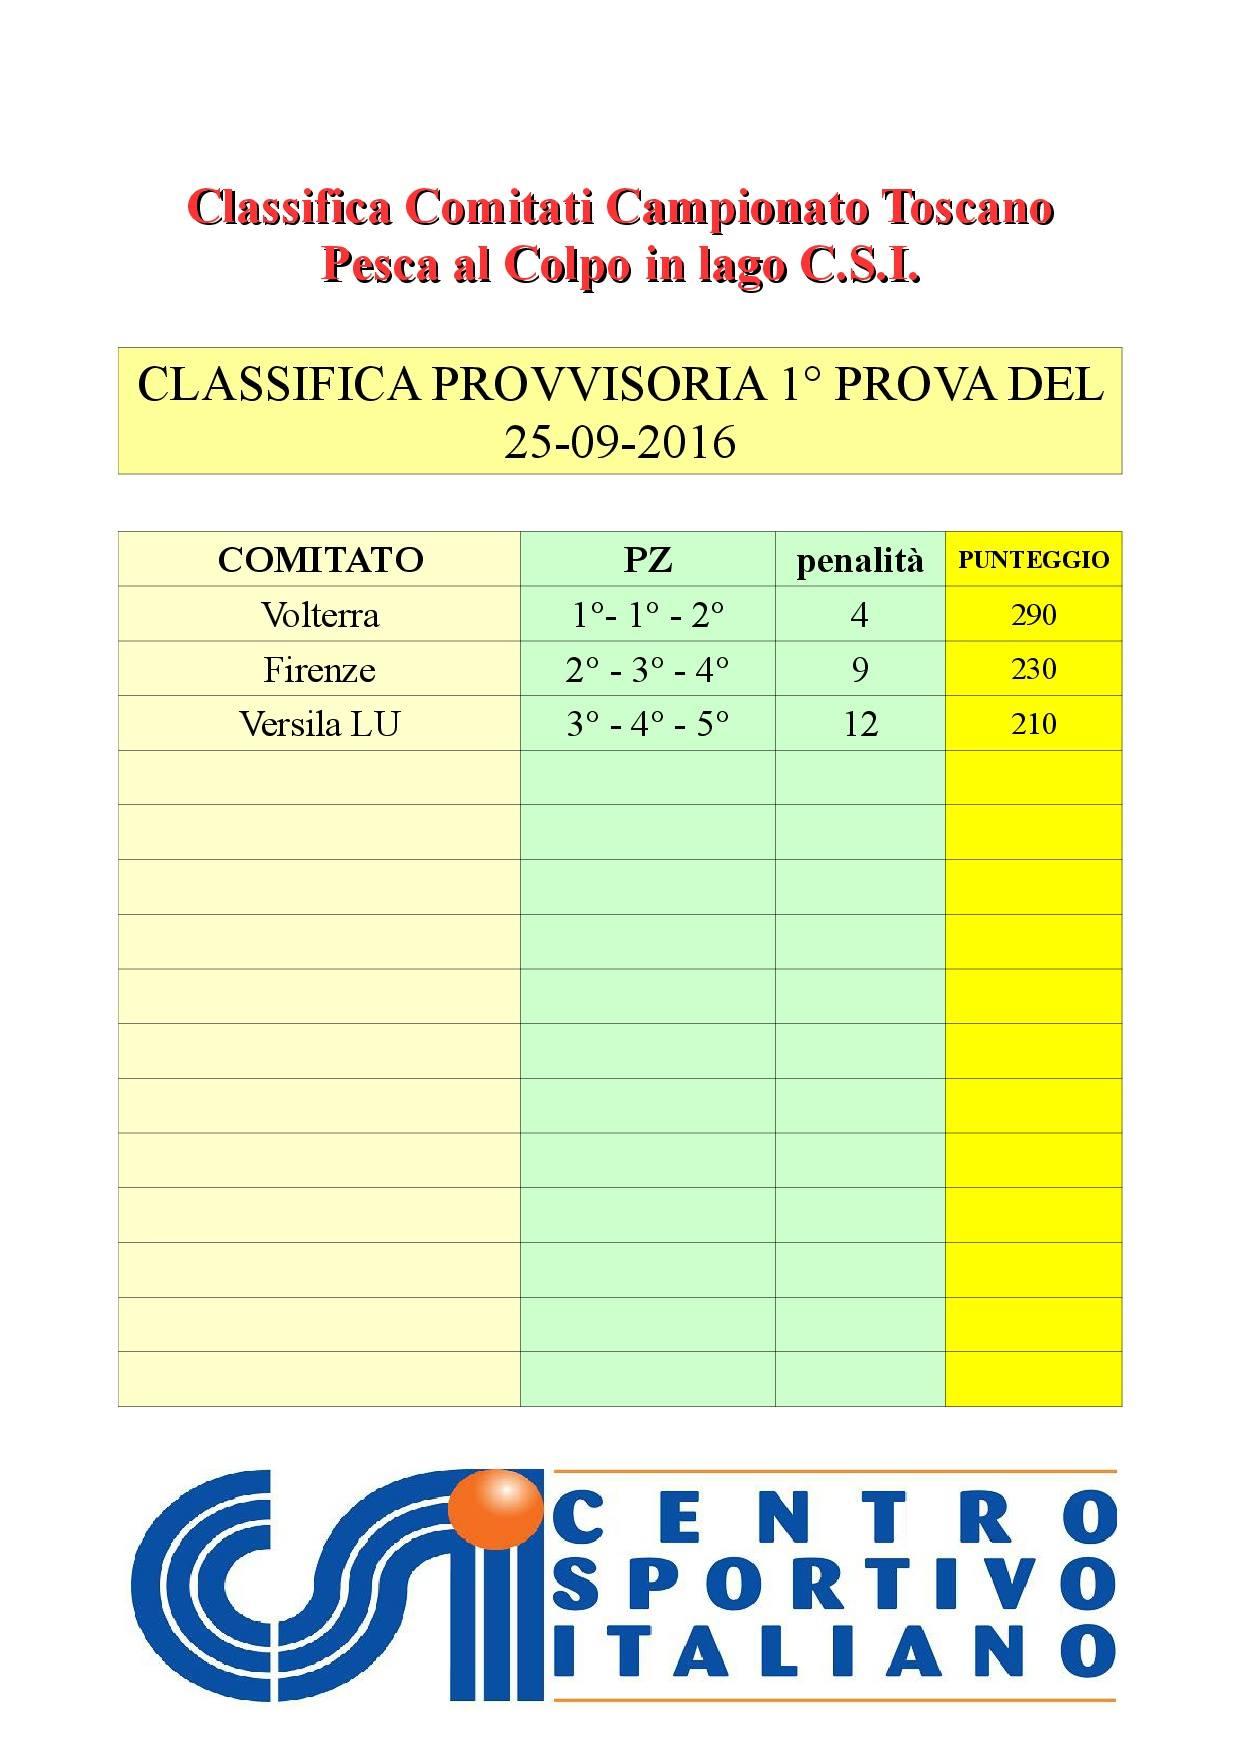 classifica-x-comitati-1a-prova